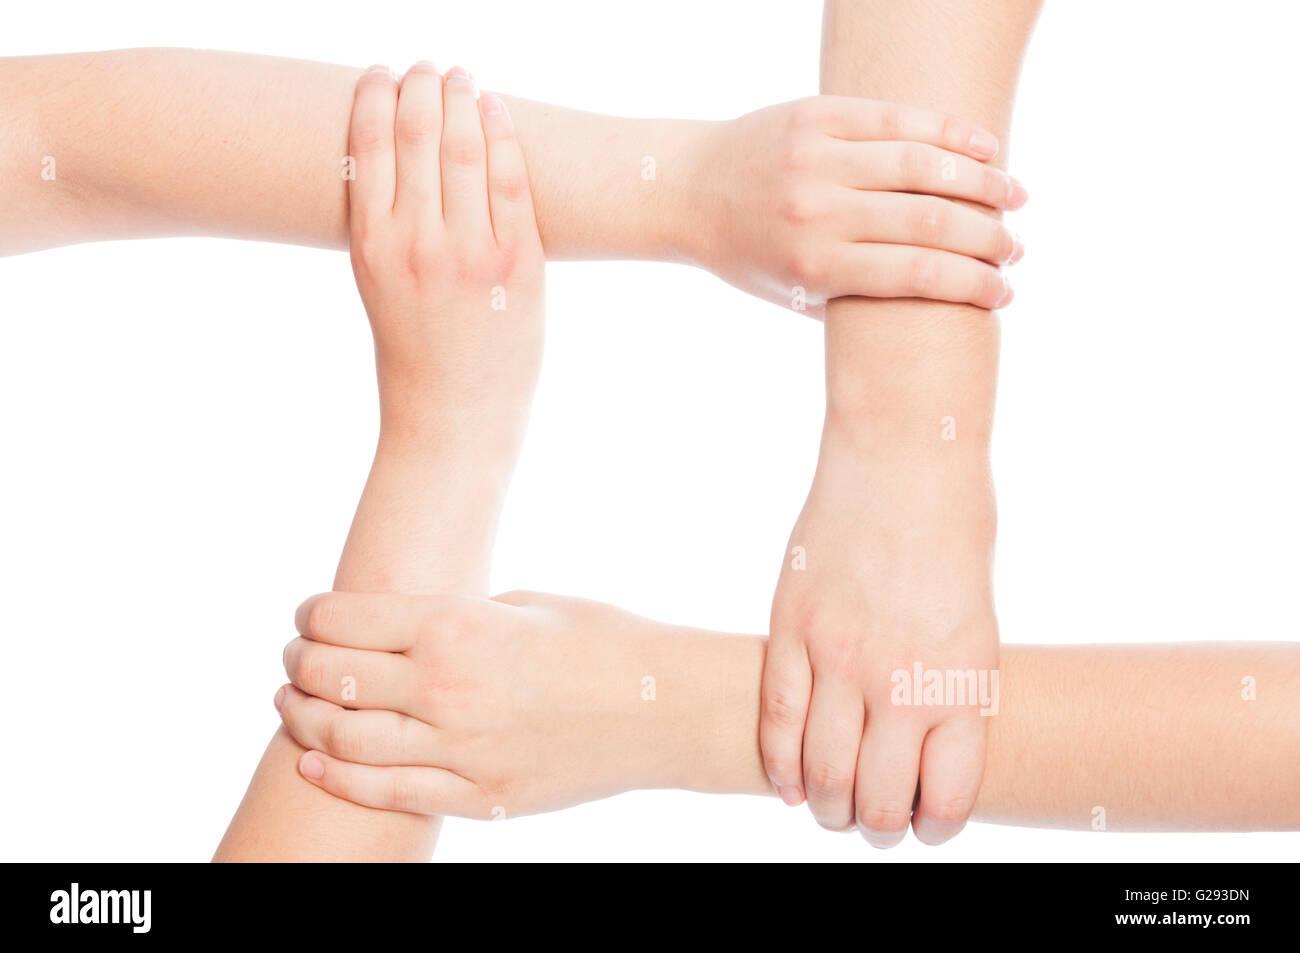 Cuatro manos se unió aislado sobre fondo blanco. Imagen De Stock